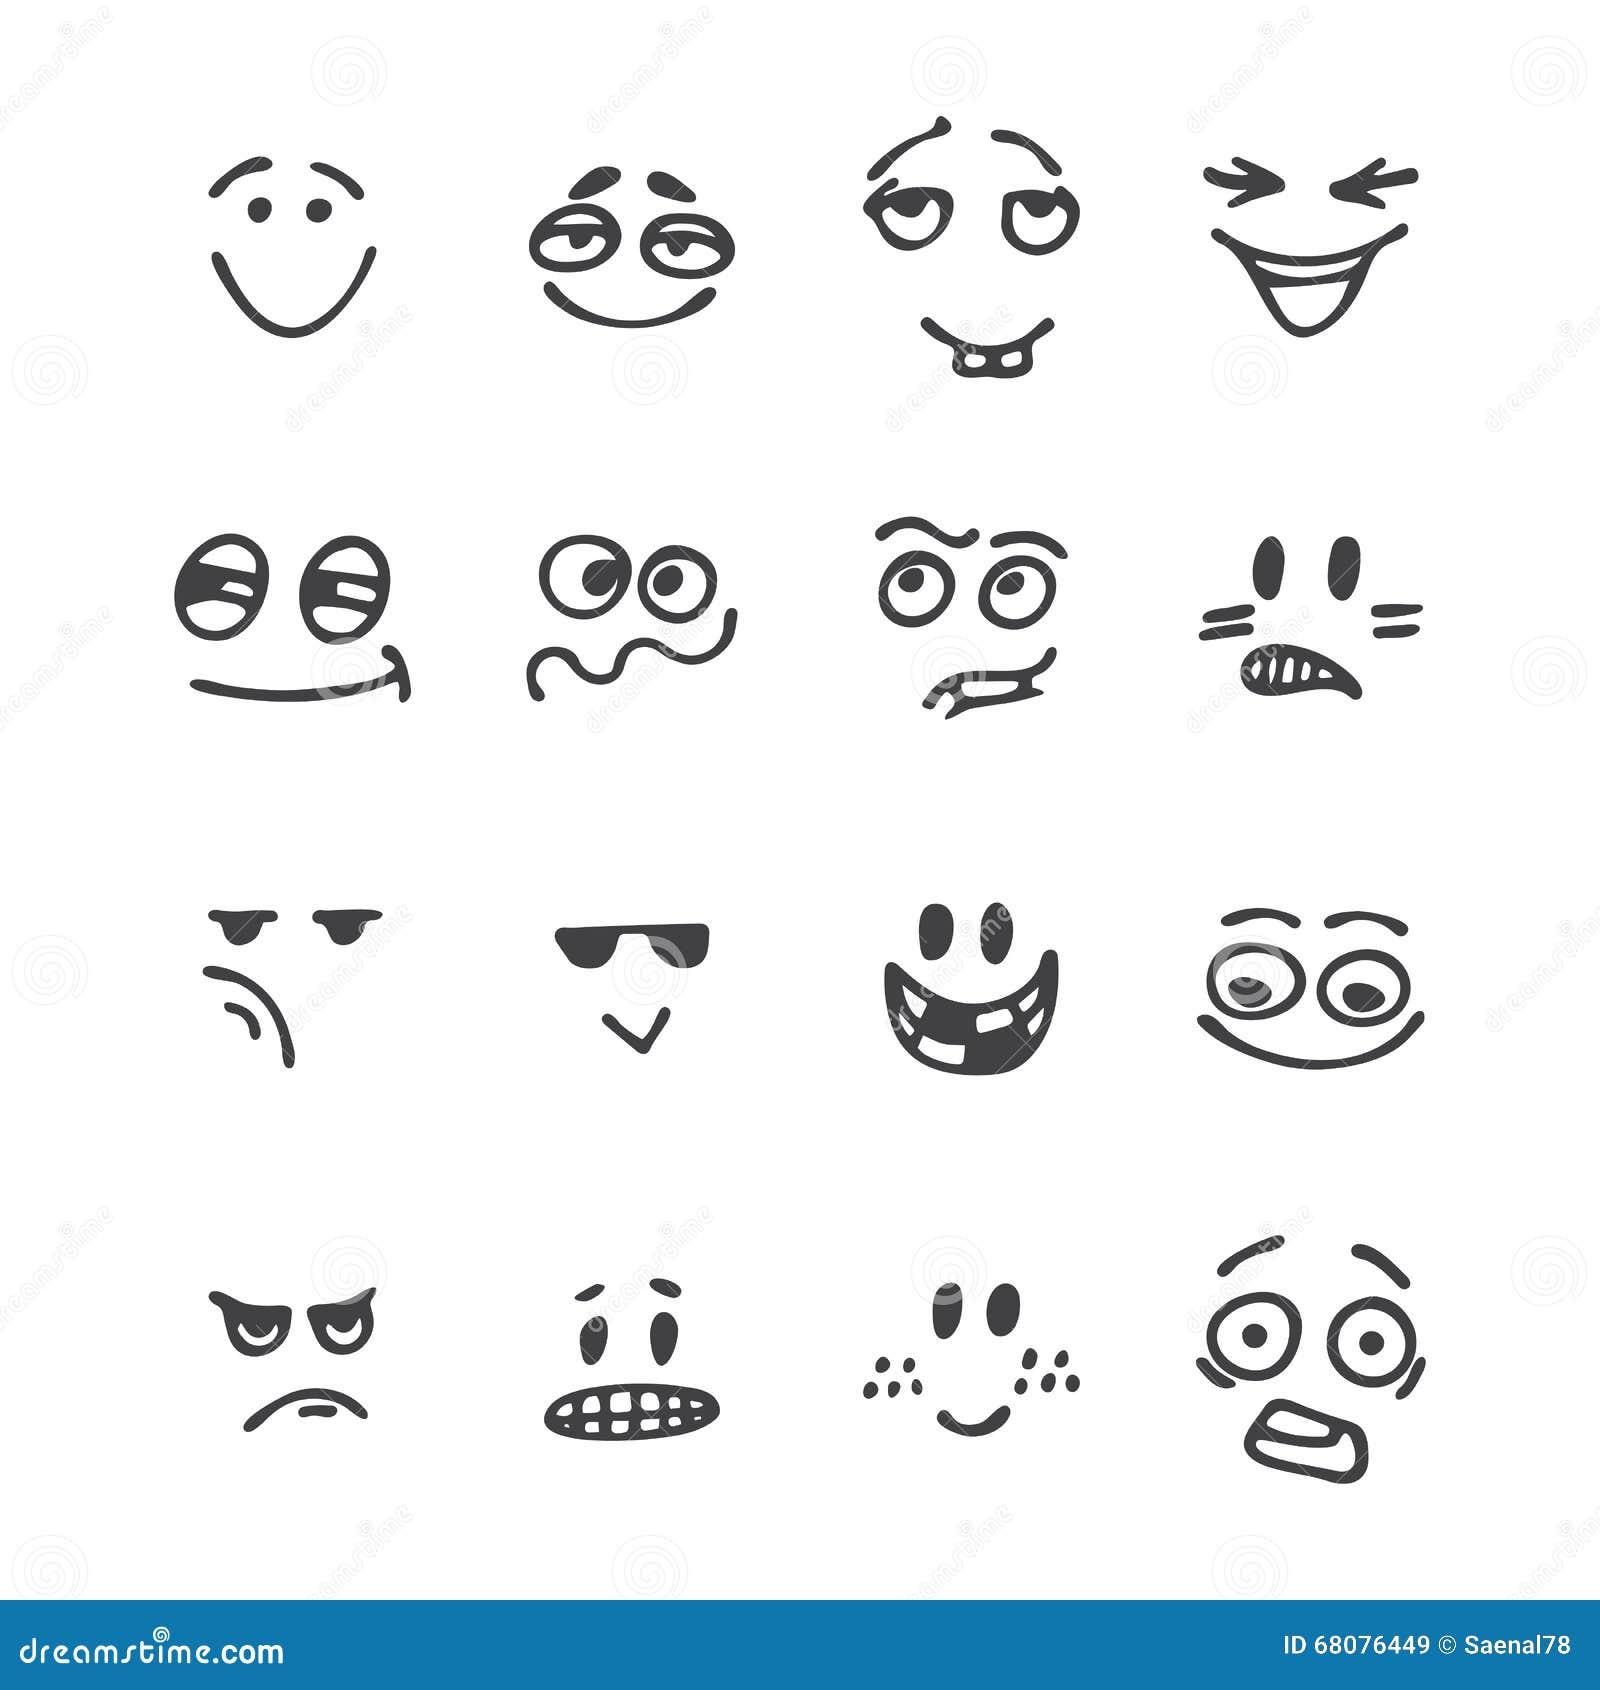 Gemütlich Emoji Gesichter Malvorlagen Bilder - Entry Level Resume ...